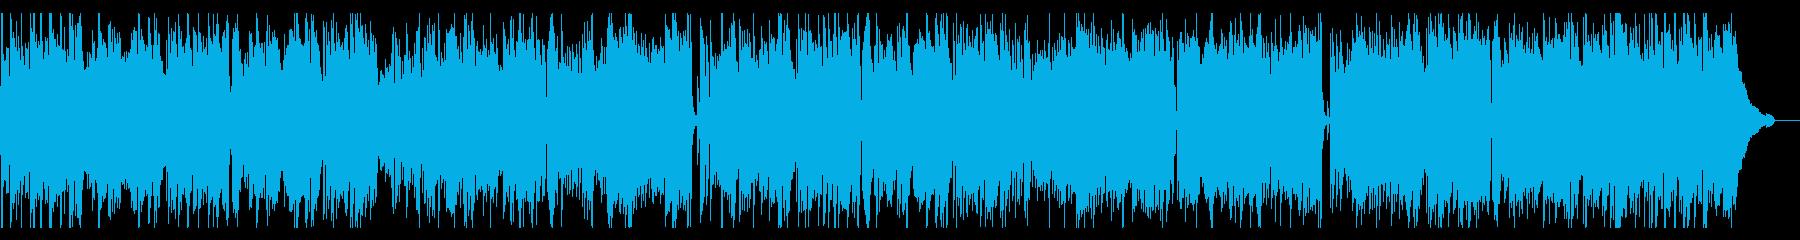 ピアノトリオ、ゴキゲンでハッピーなジャズの再生済みの波形